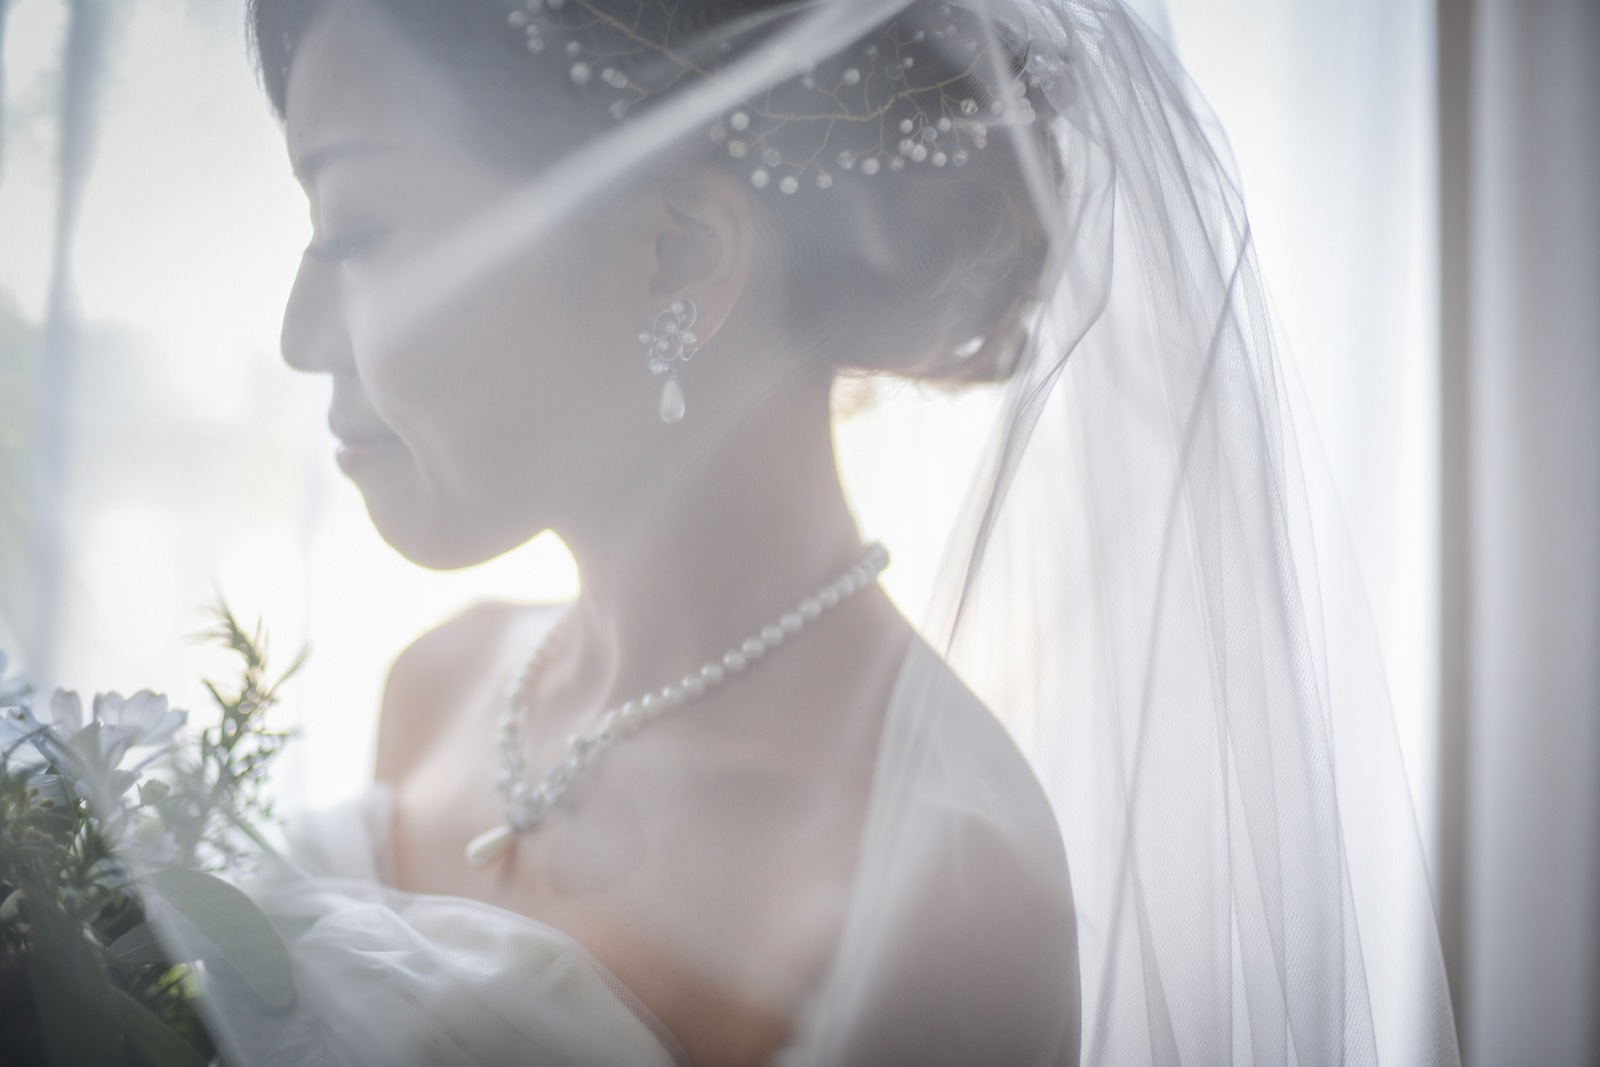 香川県高松市の結婚式場アナザースタイルのブライズルームでのショット